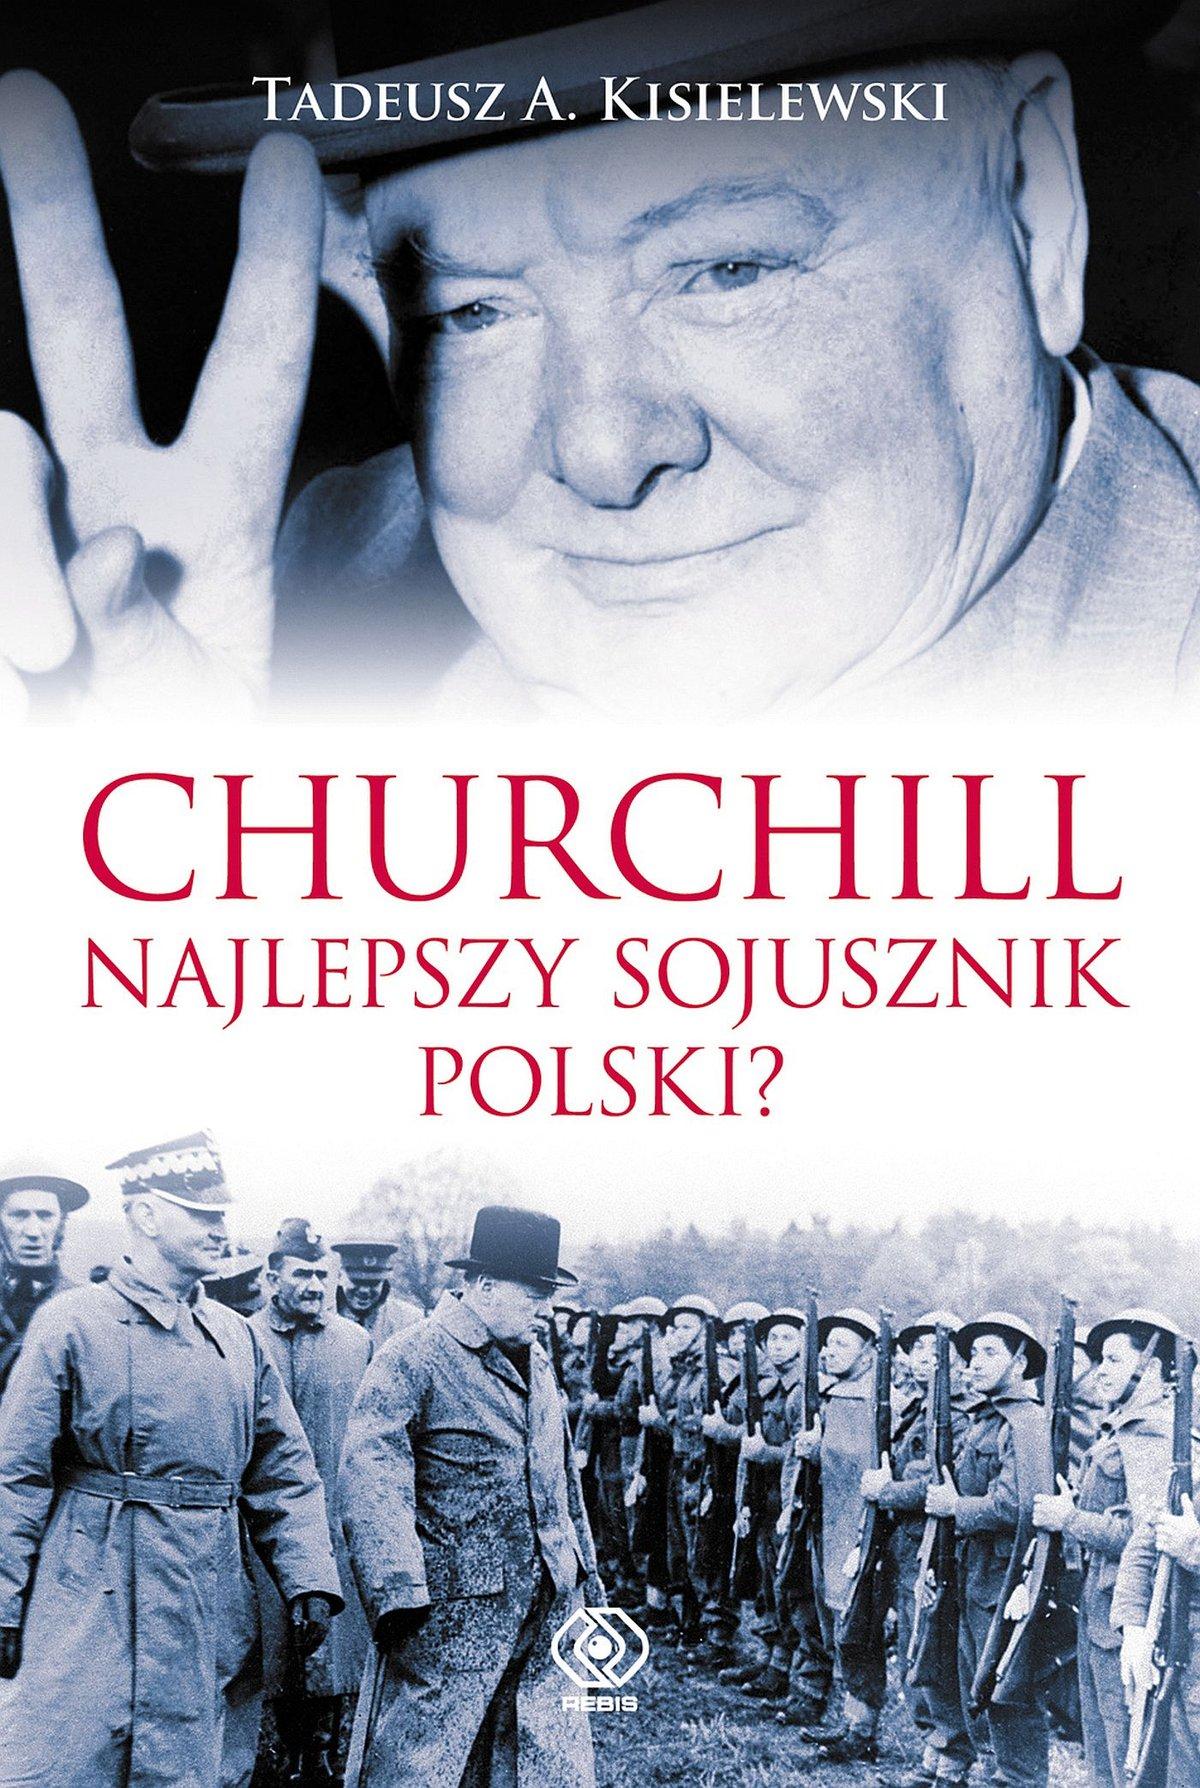 Churchill. Najlepszy sojusznik Polski - Ebook (Książka na Kindle) do pobrania w formacie MOBI